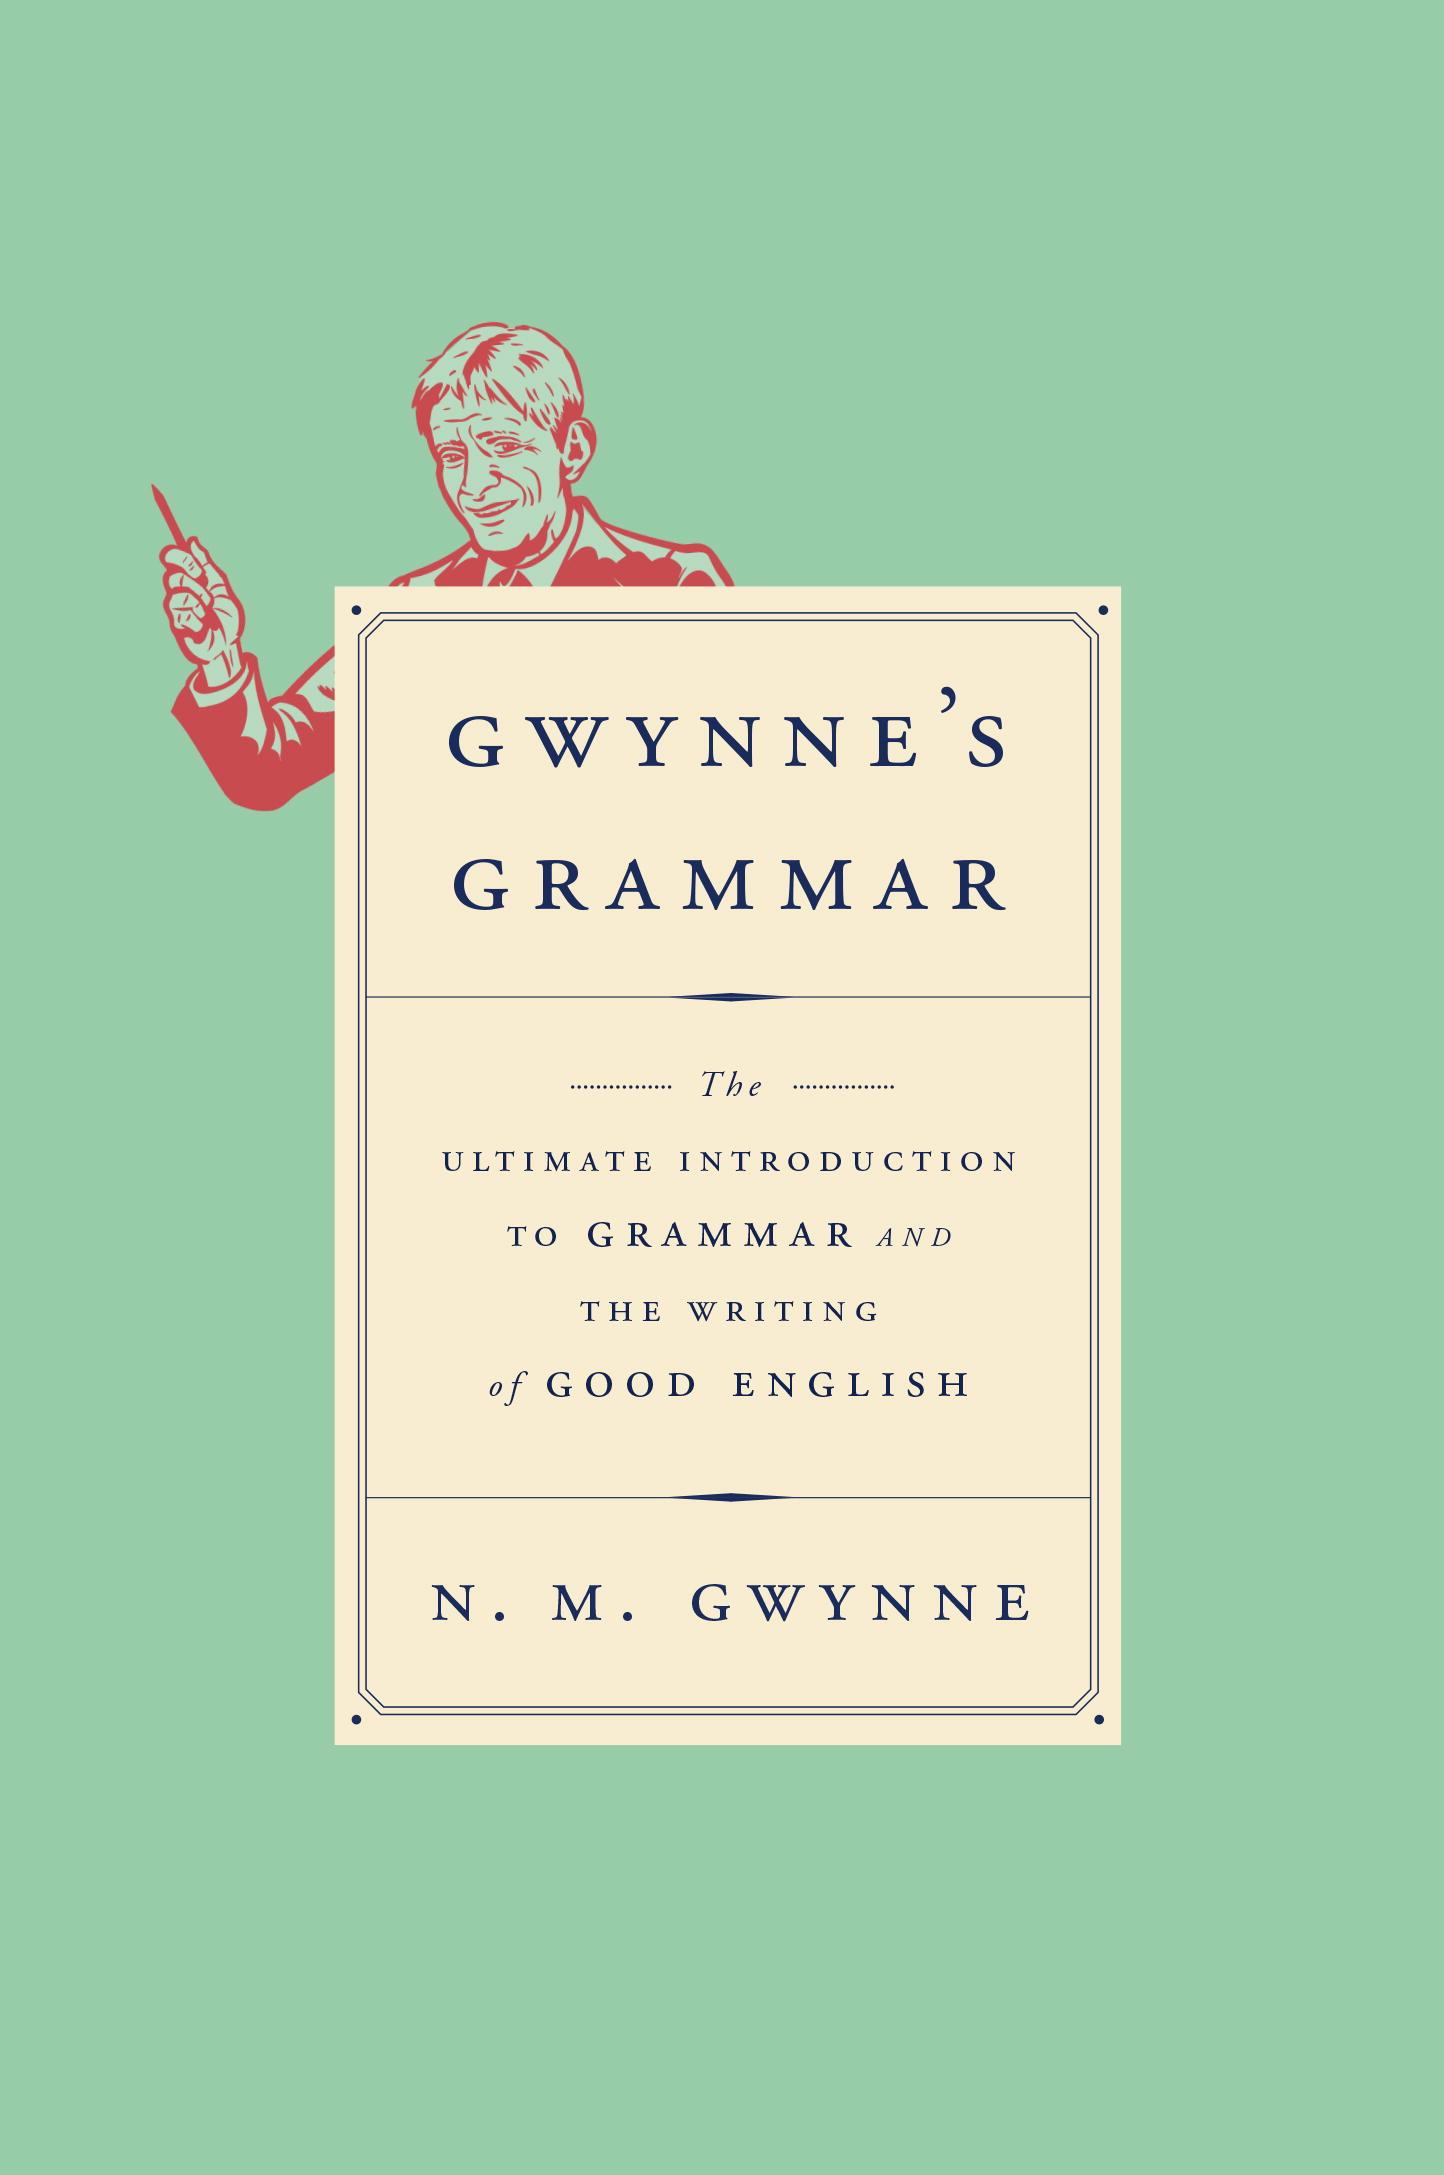 A grammar giveaway!